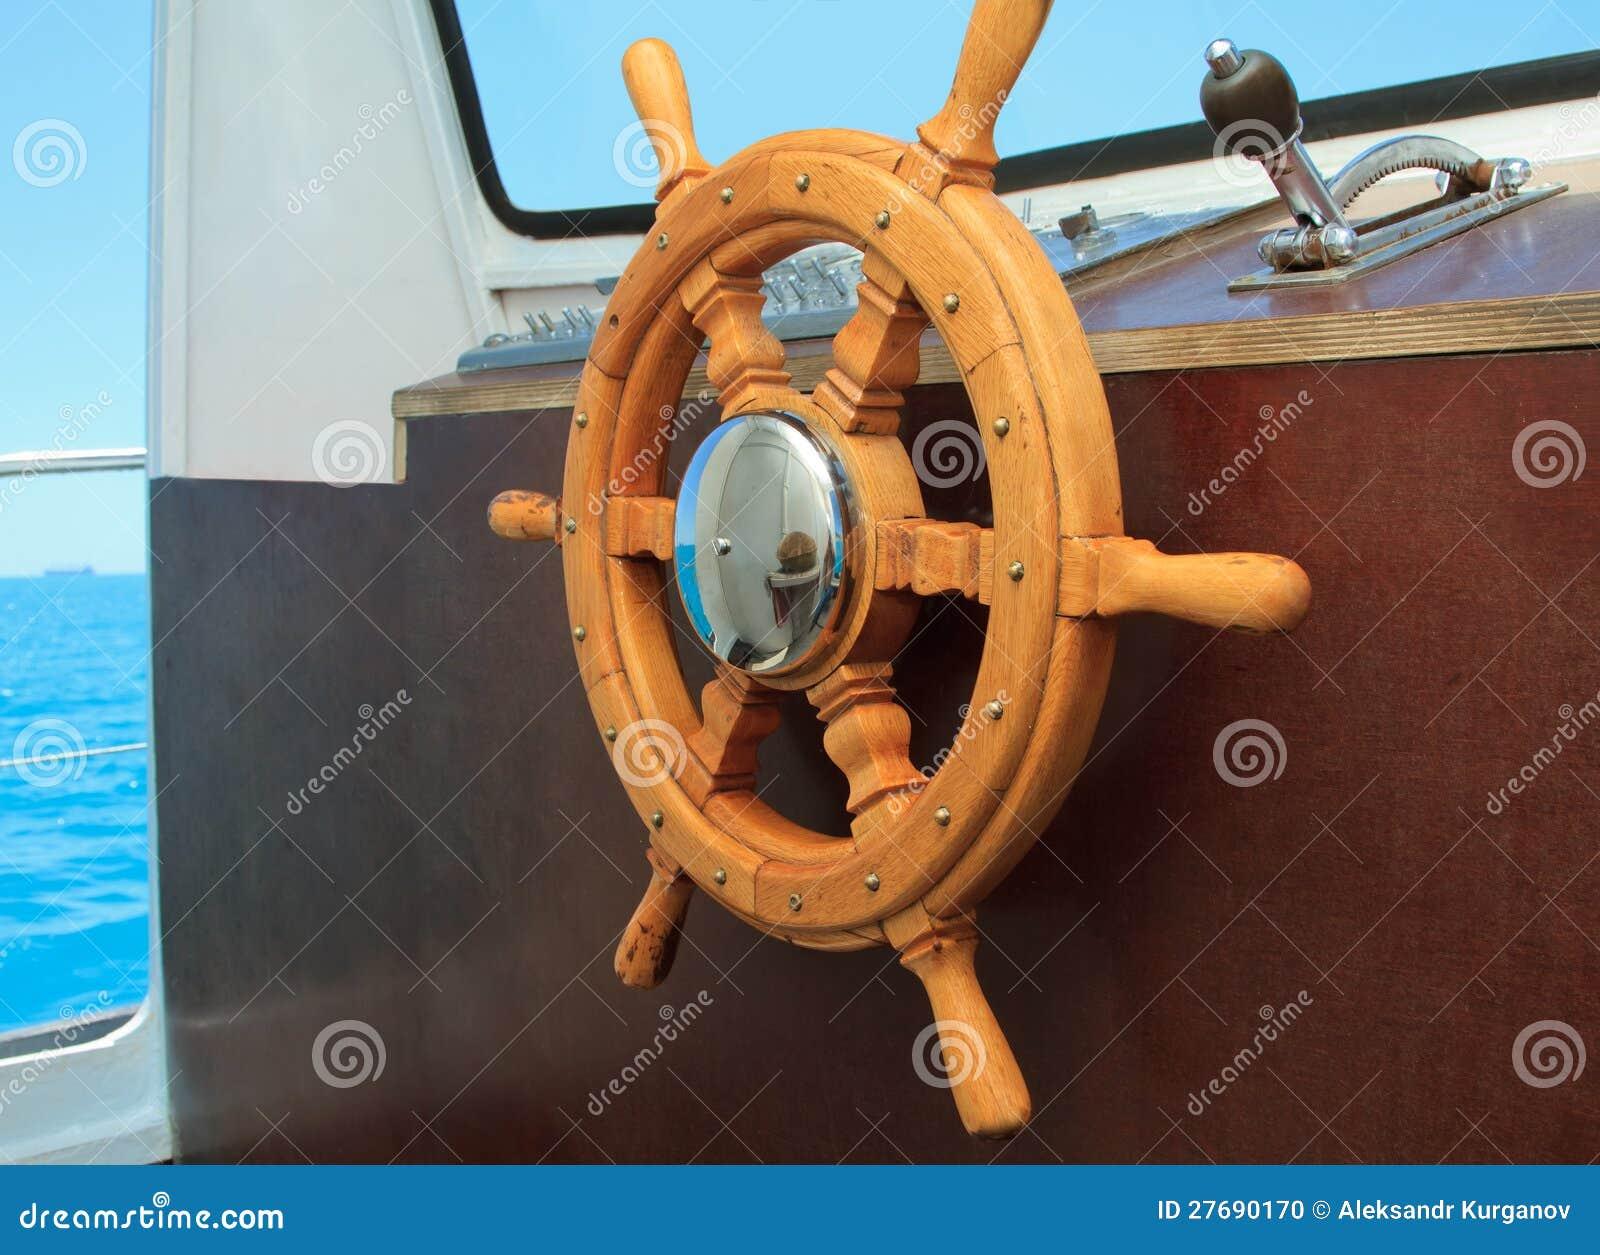 barre de bateau dans la timonerie photo stock image 27690170. Black Bedroom Furniture Sets. Home Design Ideas